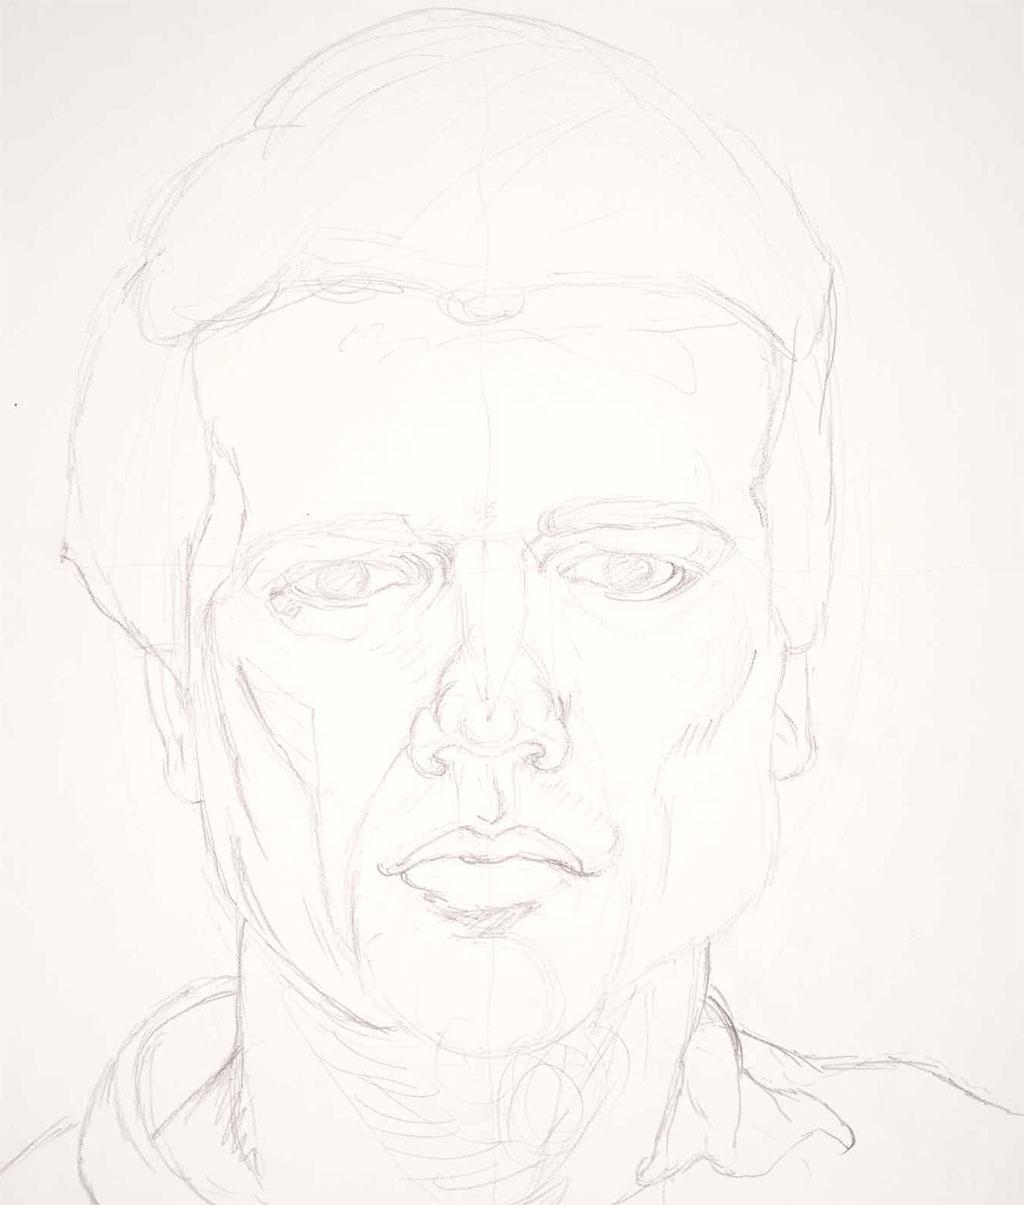 2_tekeningen_Akkerman-5b